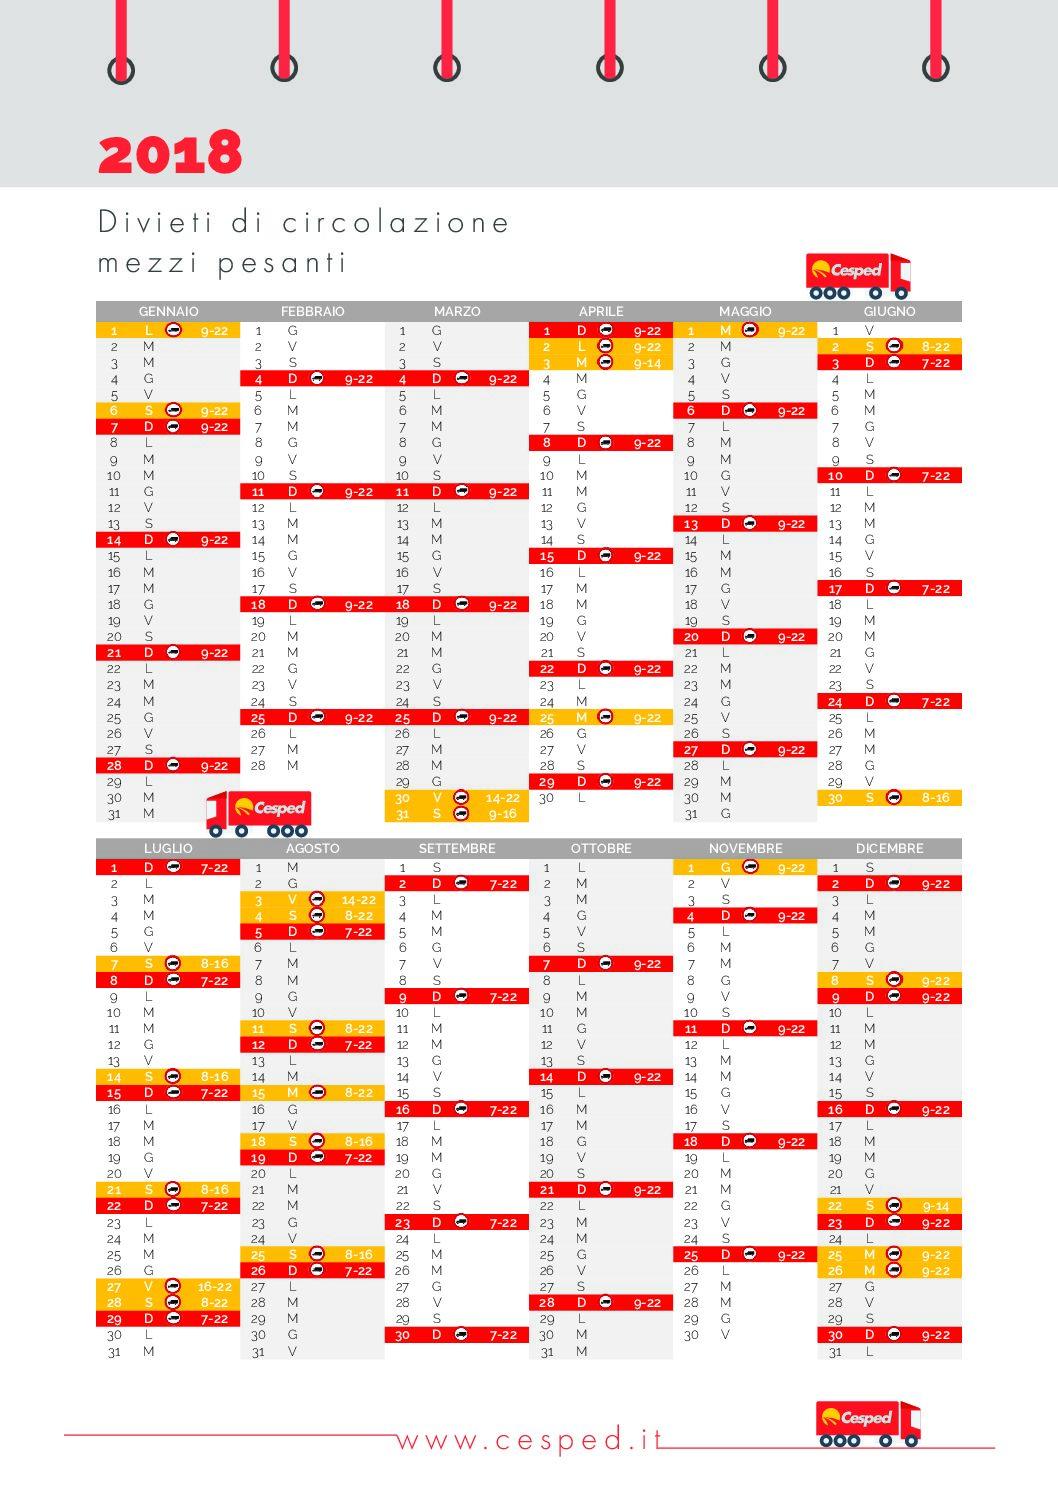 Calendario Camion 2019.Calendario Divieti Camion E Mezzi Pesanti 2018 In Italia